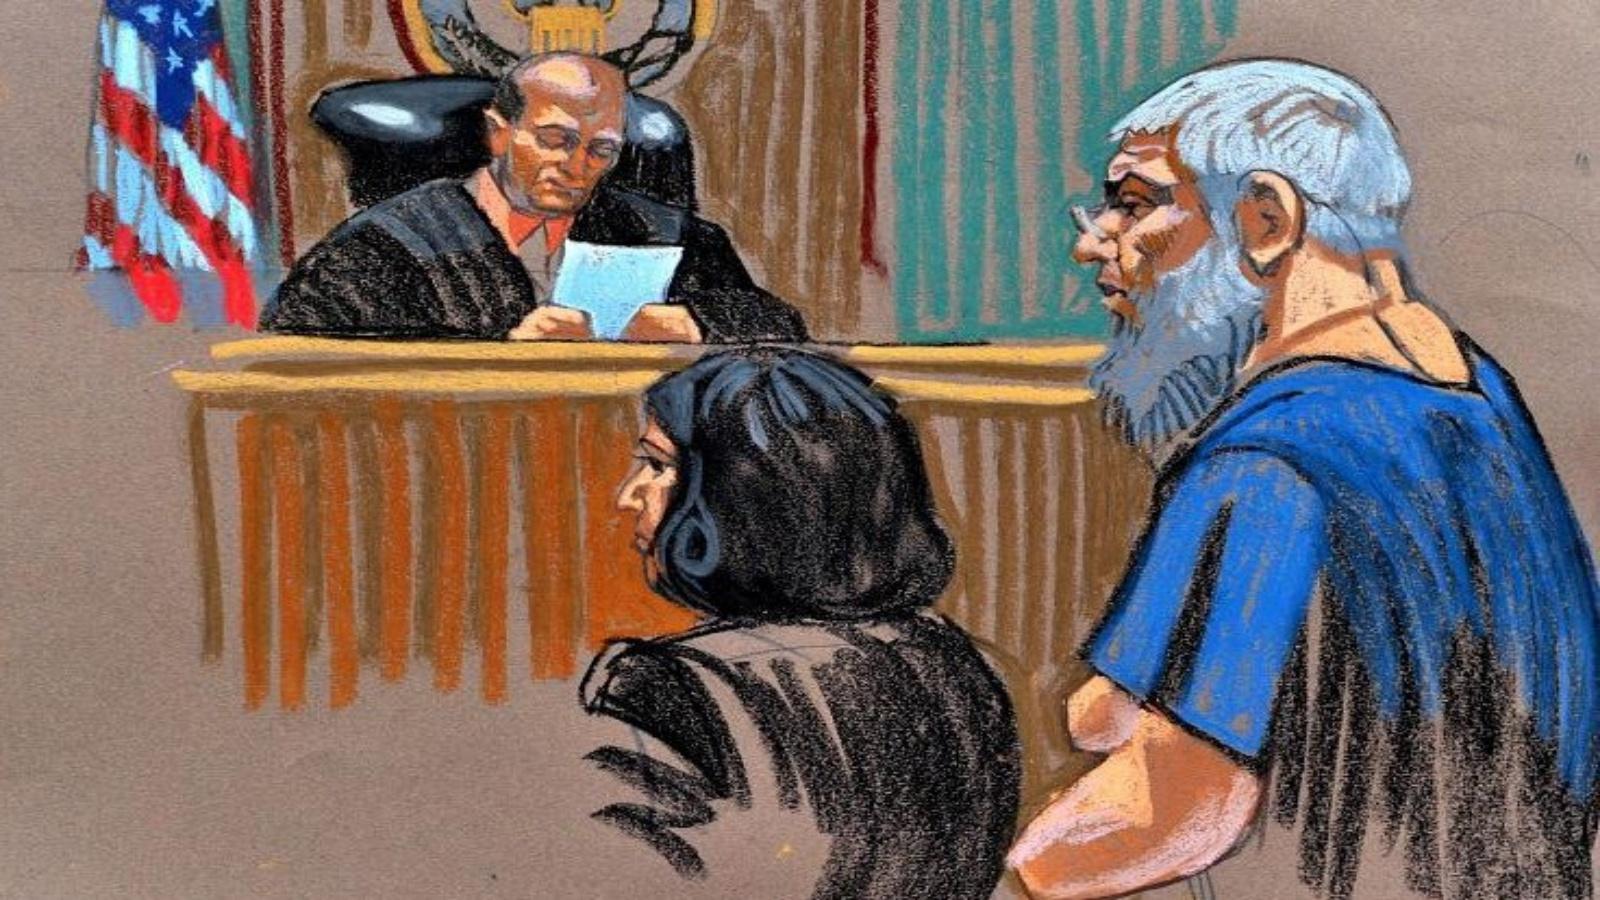 أبو حمزة أمام قاض أميركي - أرشيف (أ ف ب)